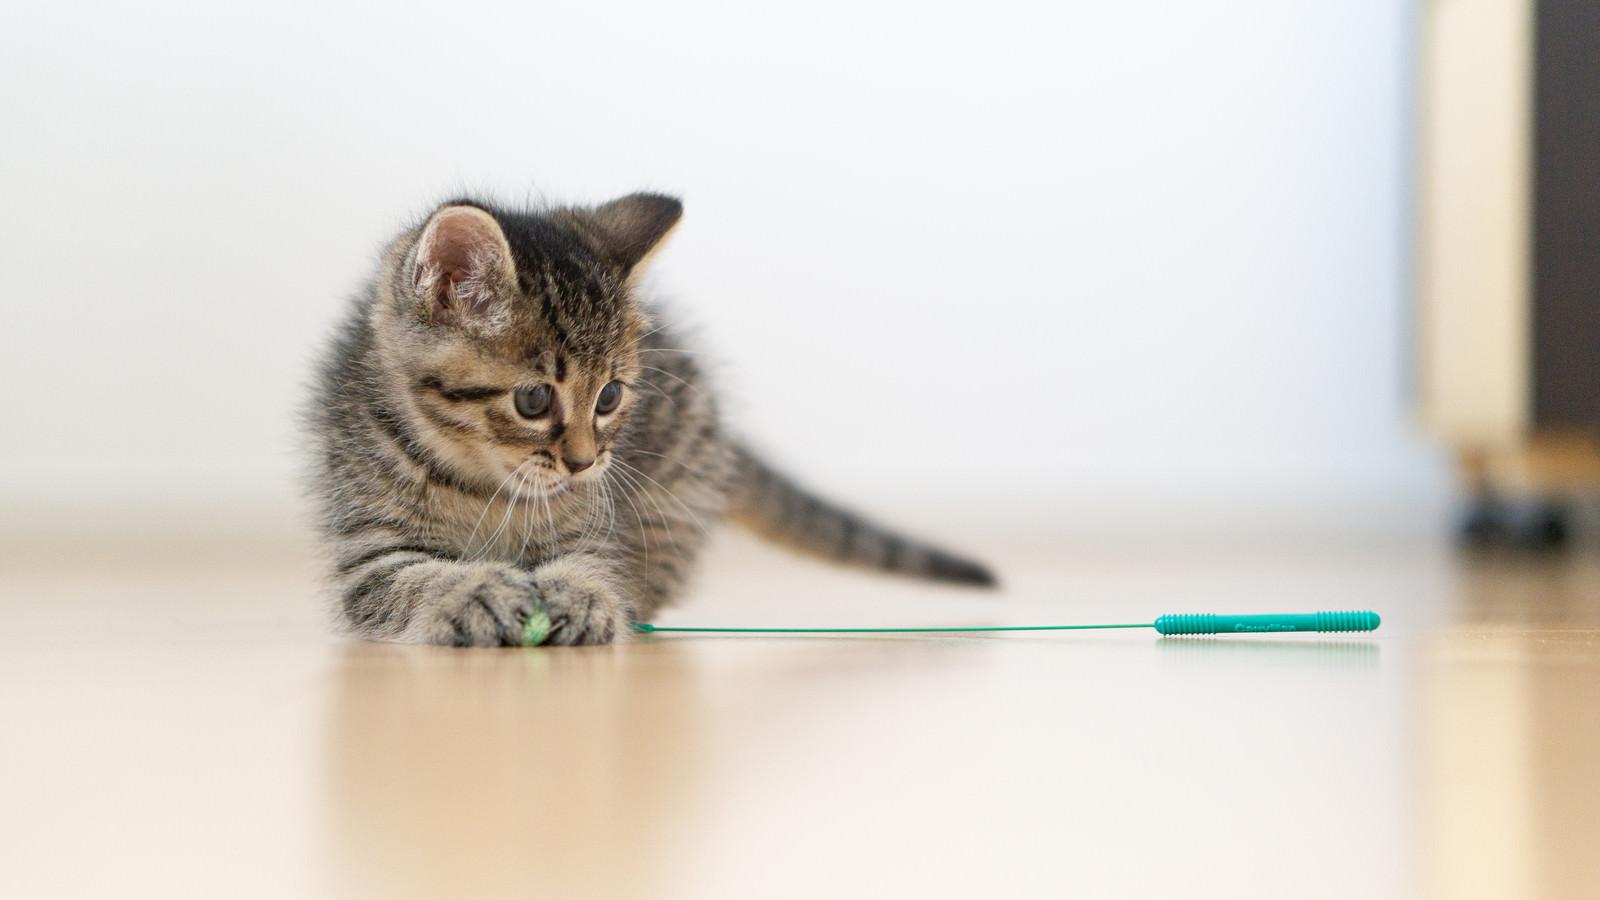 「ねこじゃらしに興味をもった子猫」の写真